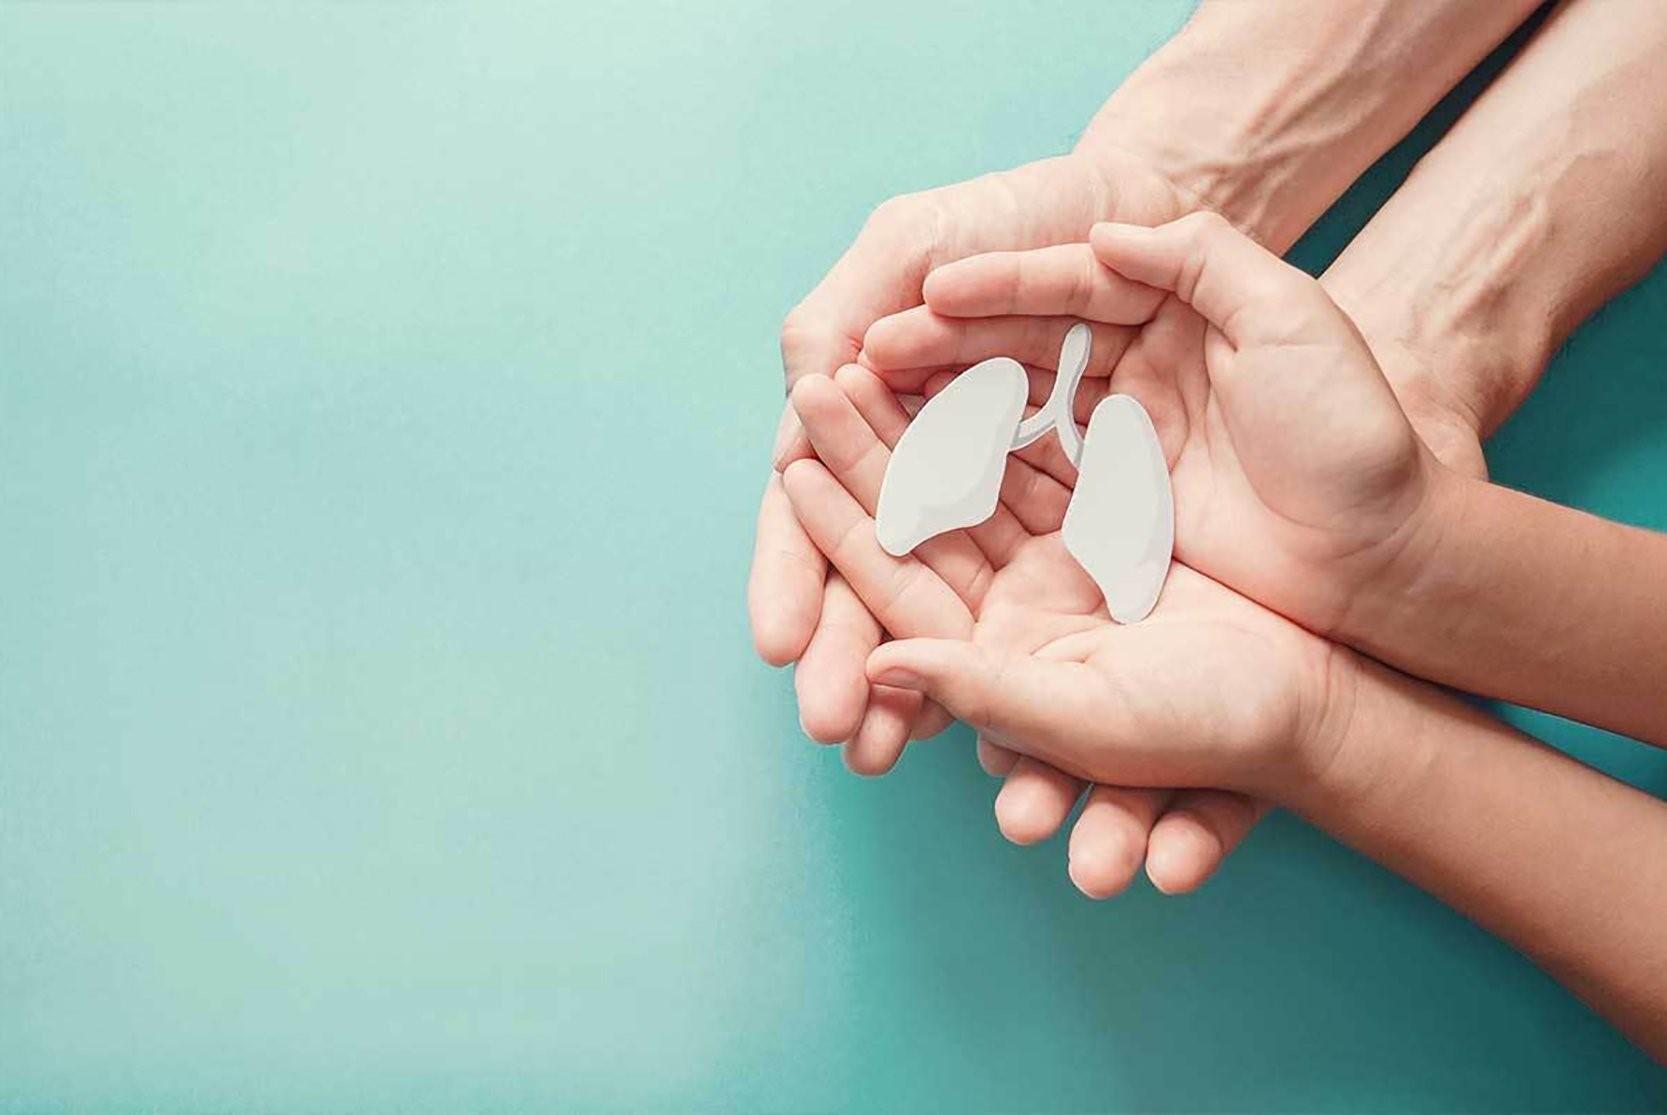 Chăm sóc đúng cách giúp cải thiện tình trạng bệnh cho người mắc COPD. Ảnh: Shutterstock.